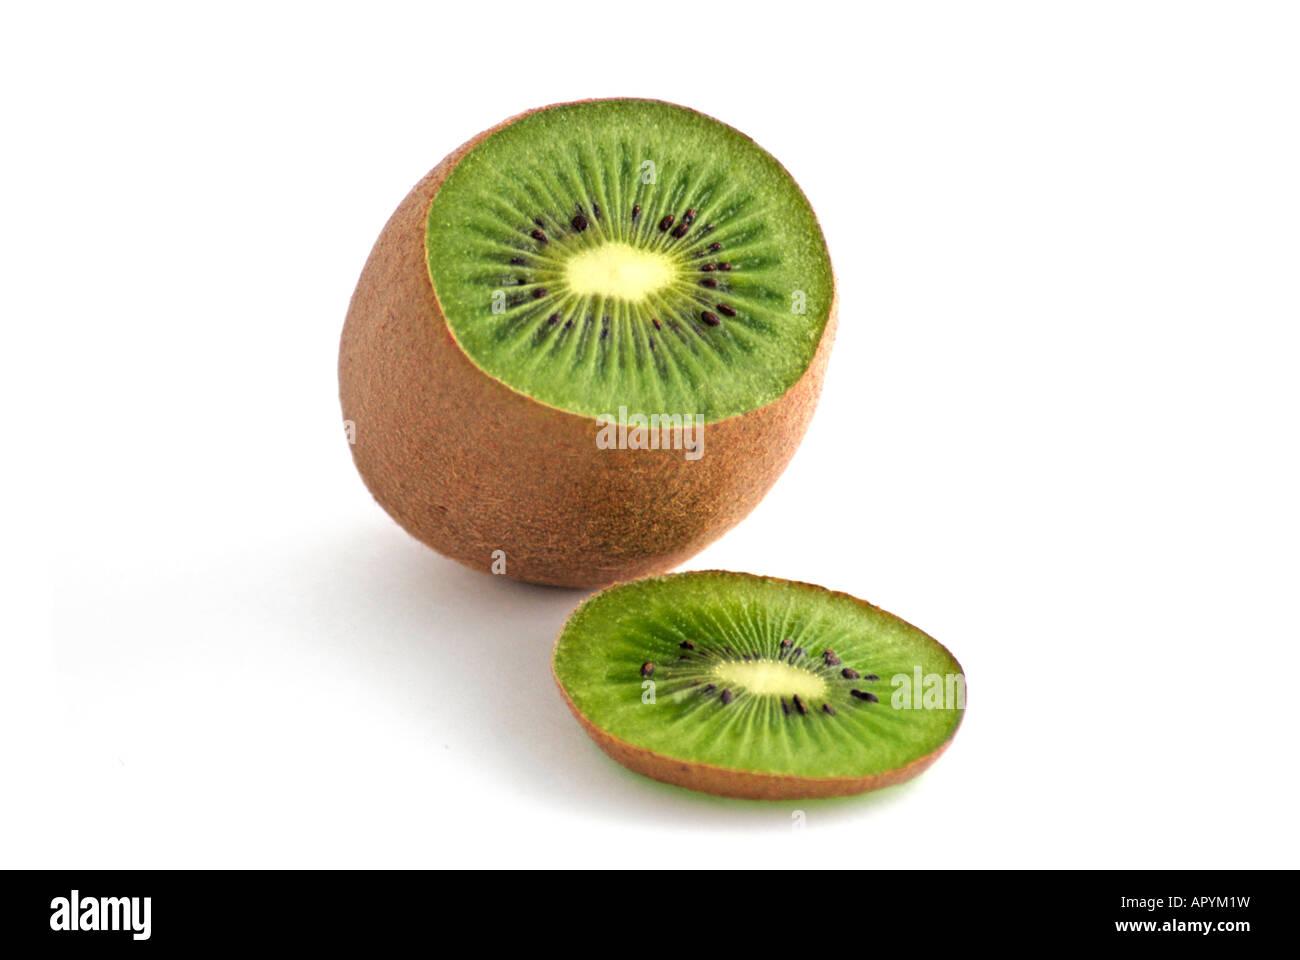 Sliced Kiwi - Stock Image